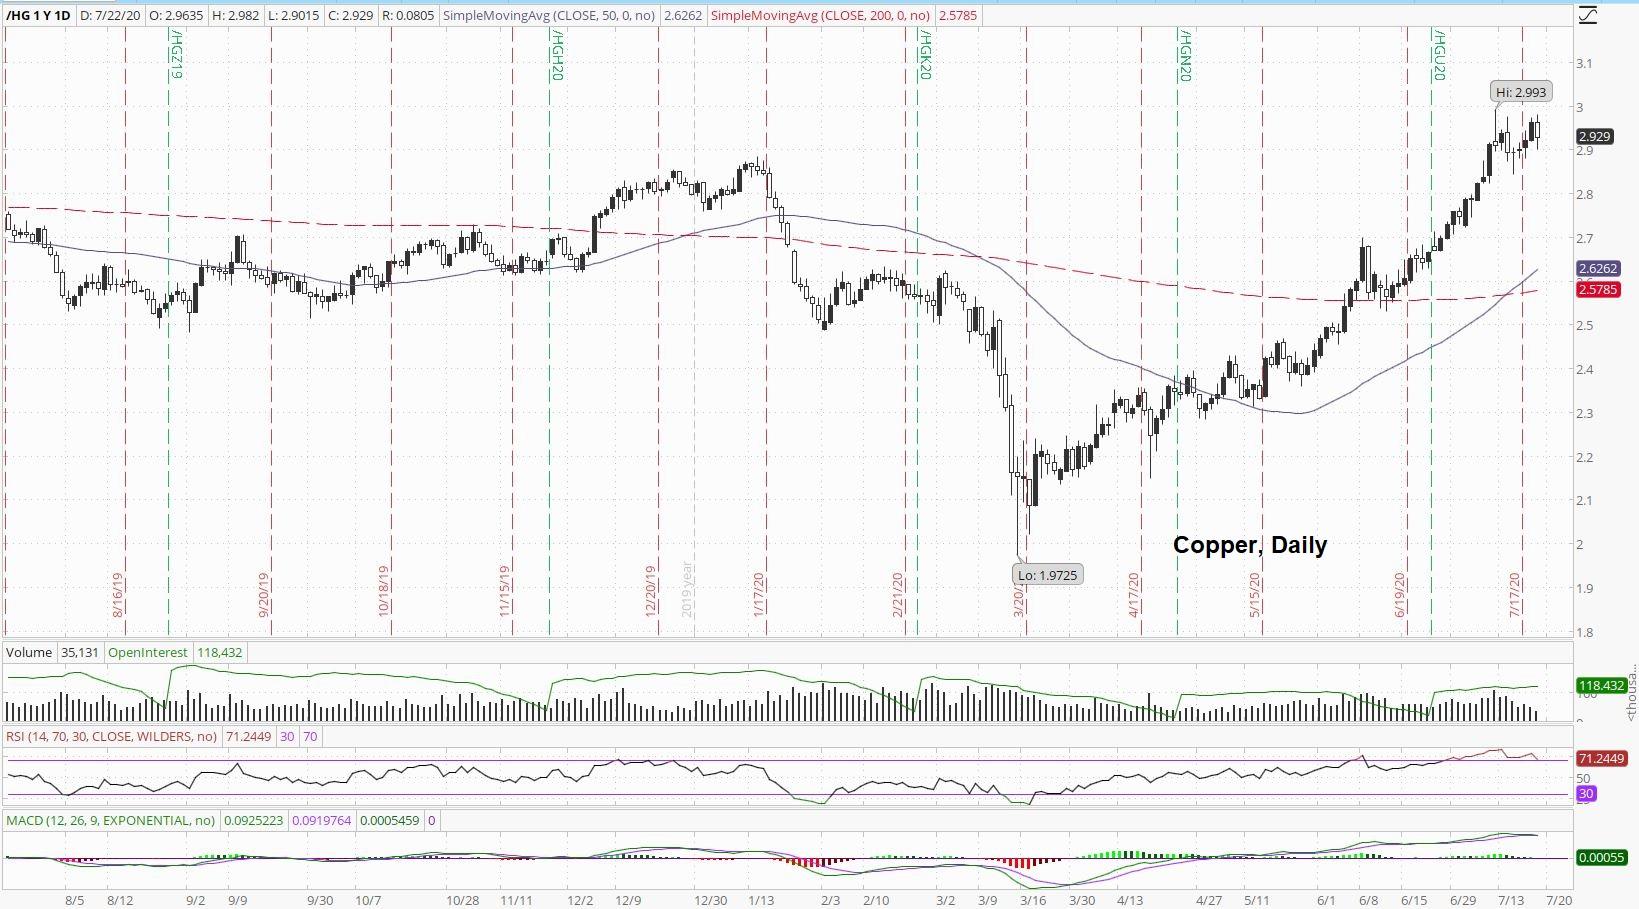 Copper Daily Price